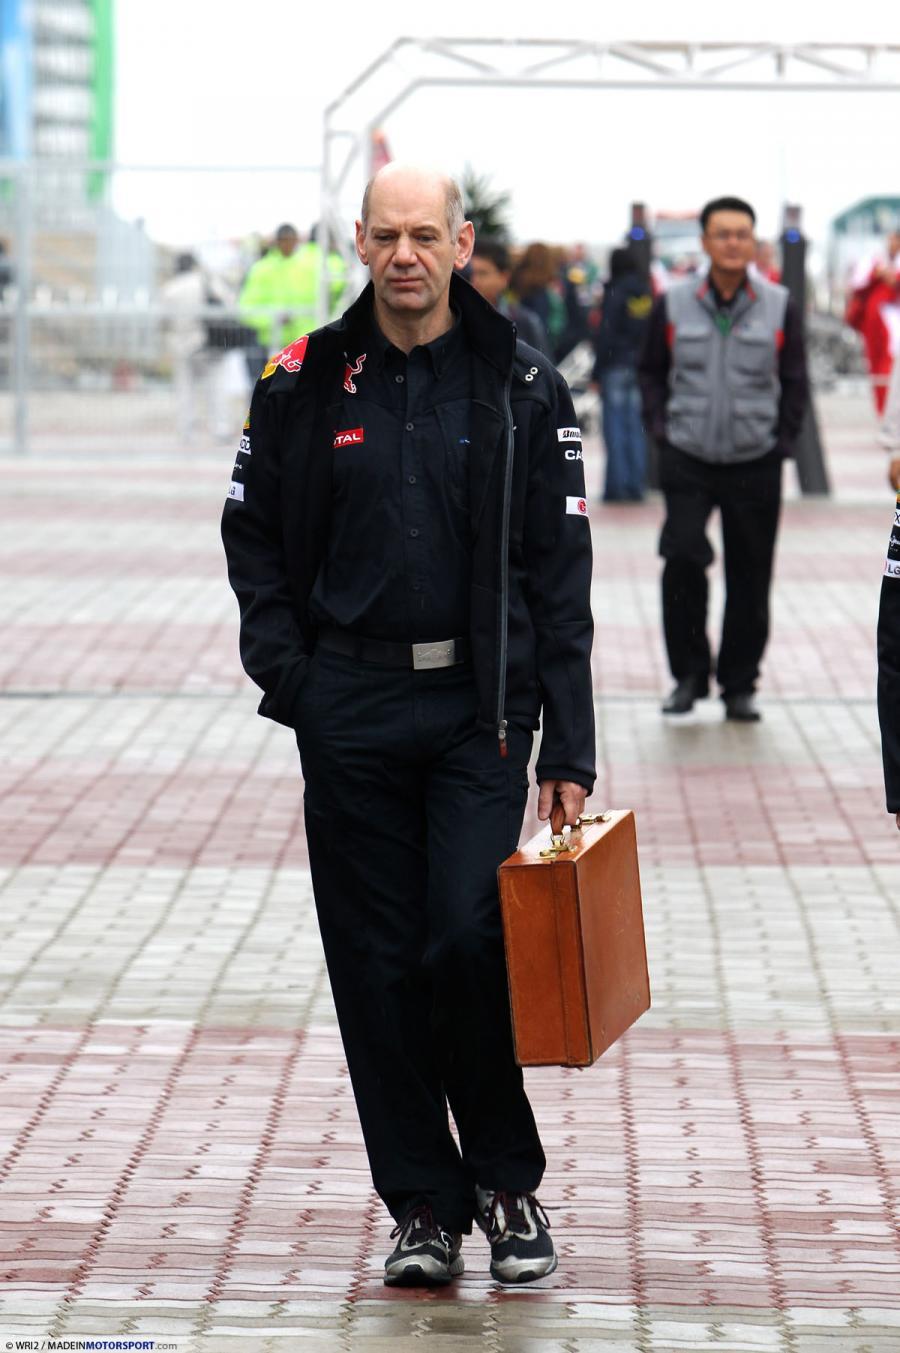 Эдриан Ньюи идет с чемоданом после ужасной гонки для Red Bull на Гран-при Кореи 2010